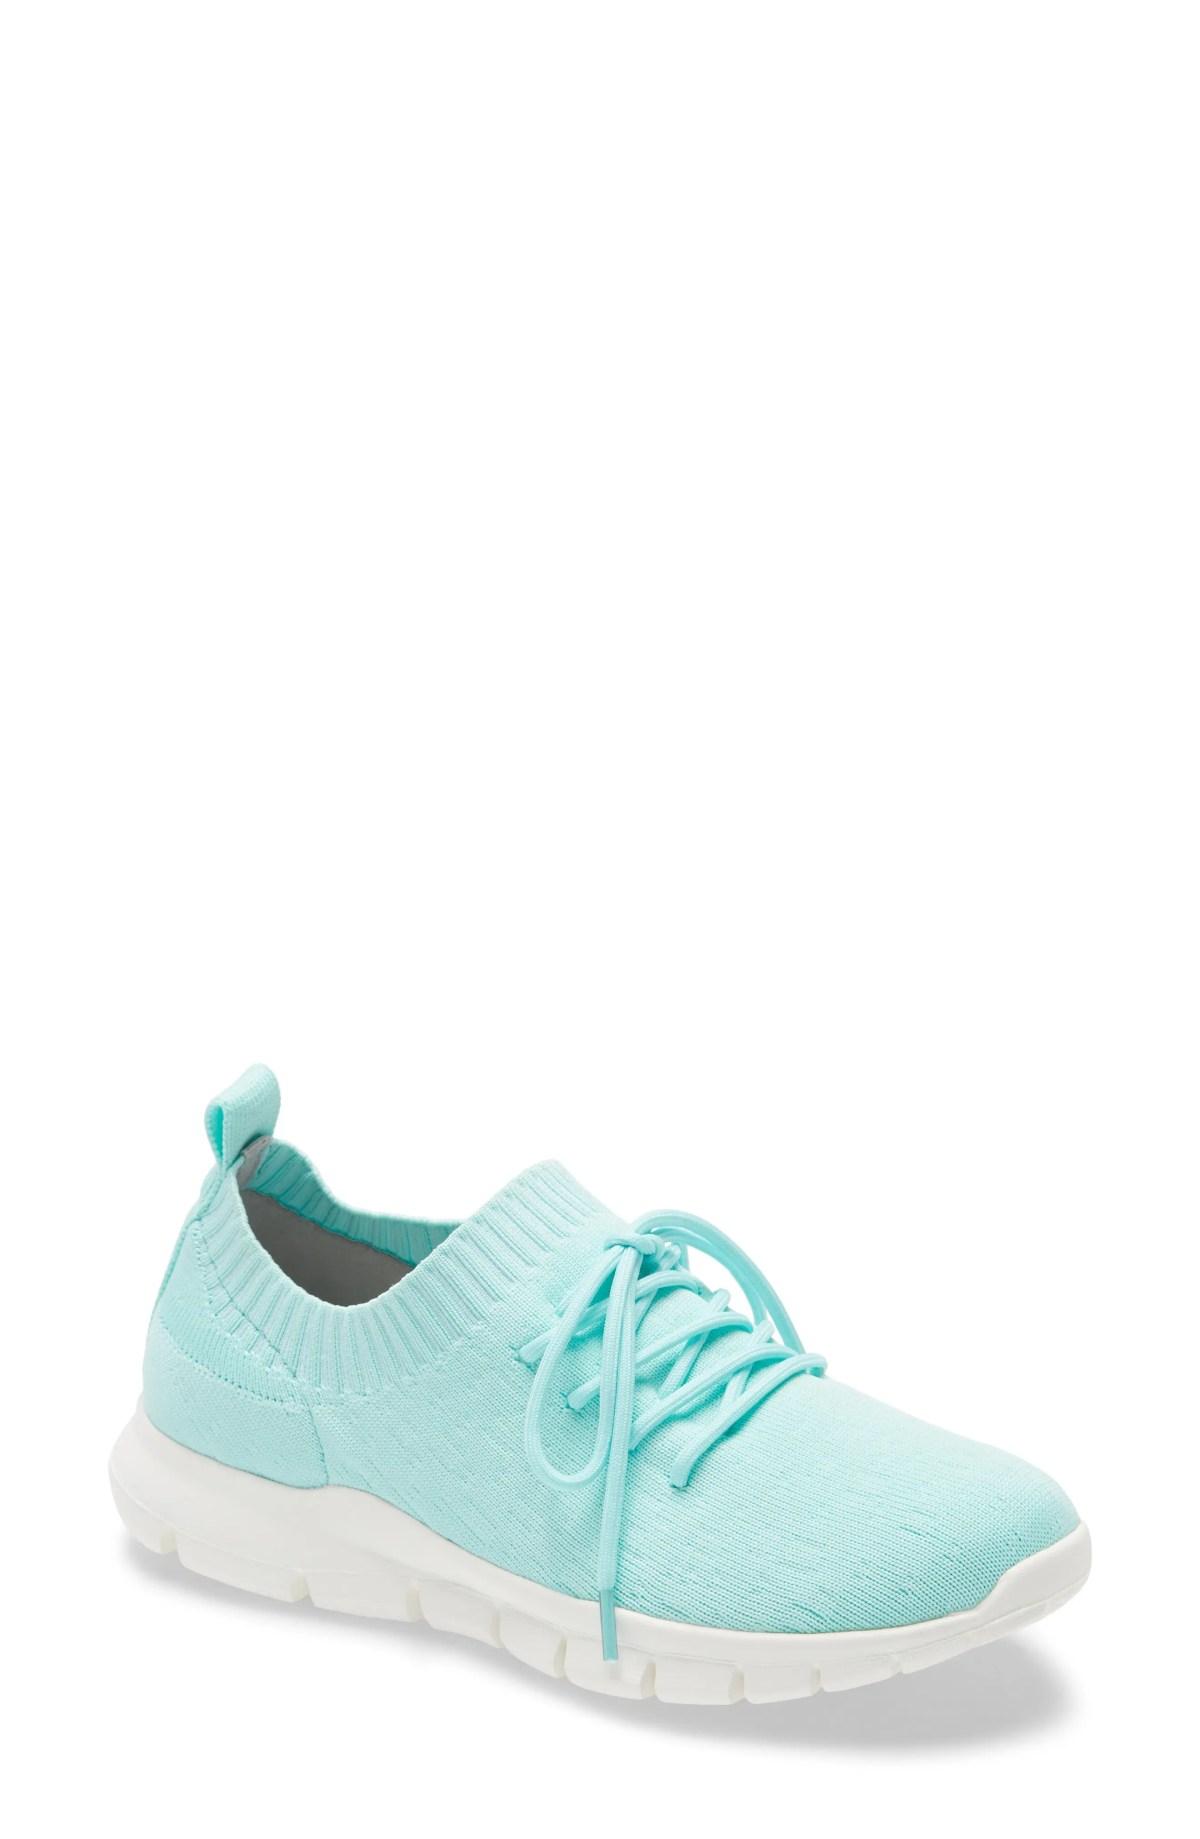 BERNIE MEV. Bernie Mev Plush Sneaker, Main, color, AQUA FABRIC